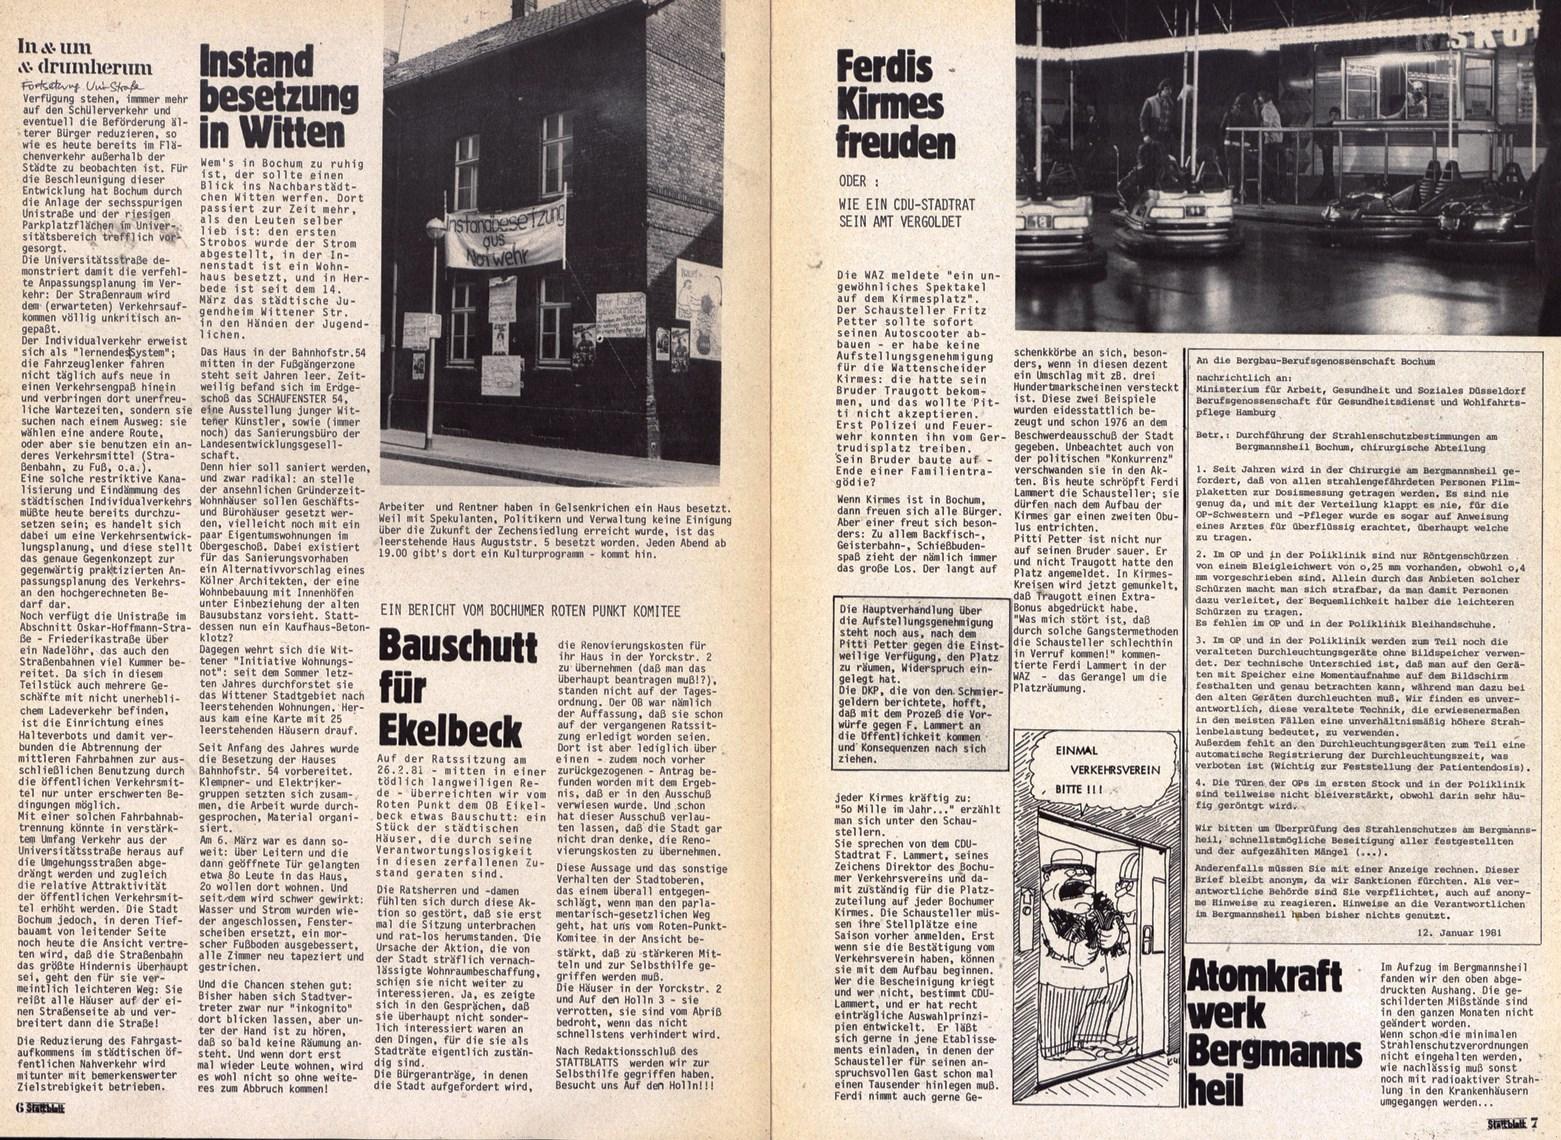 Bochum_Stattblatt_19810400_47_04